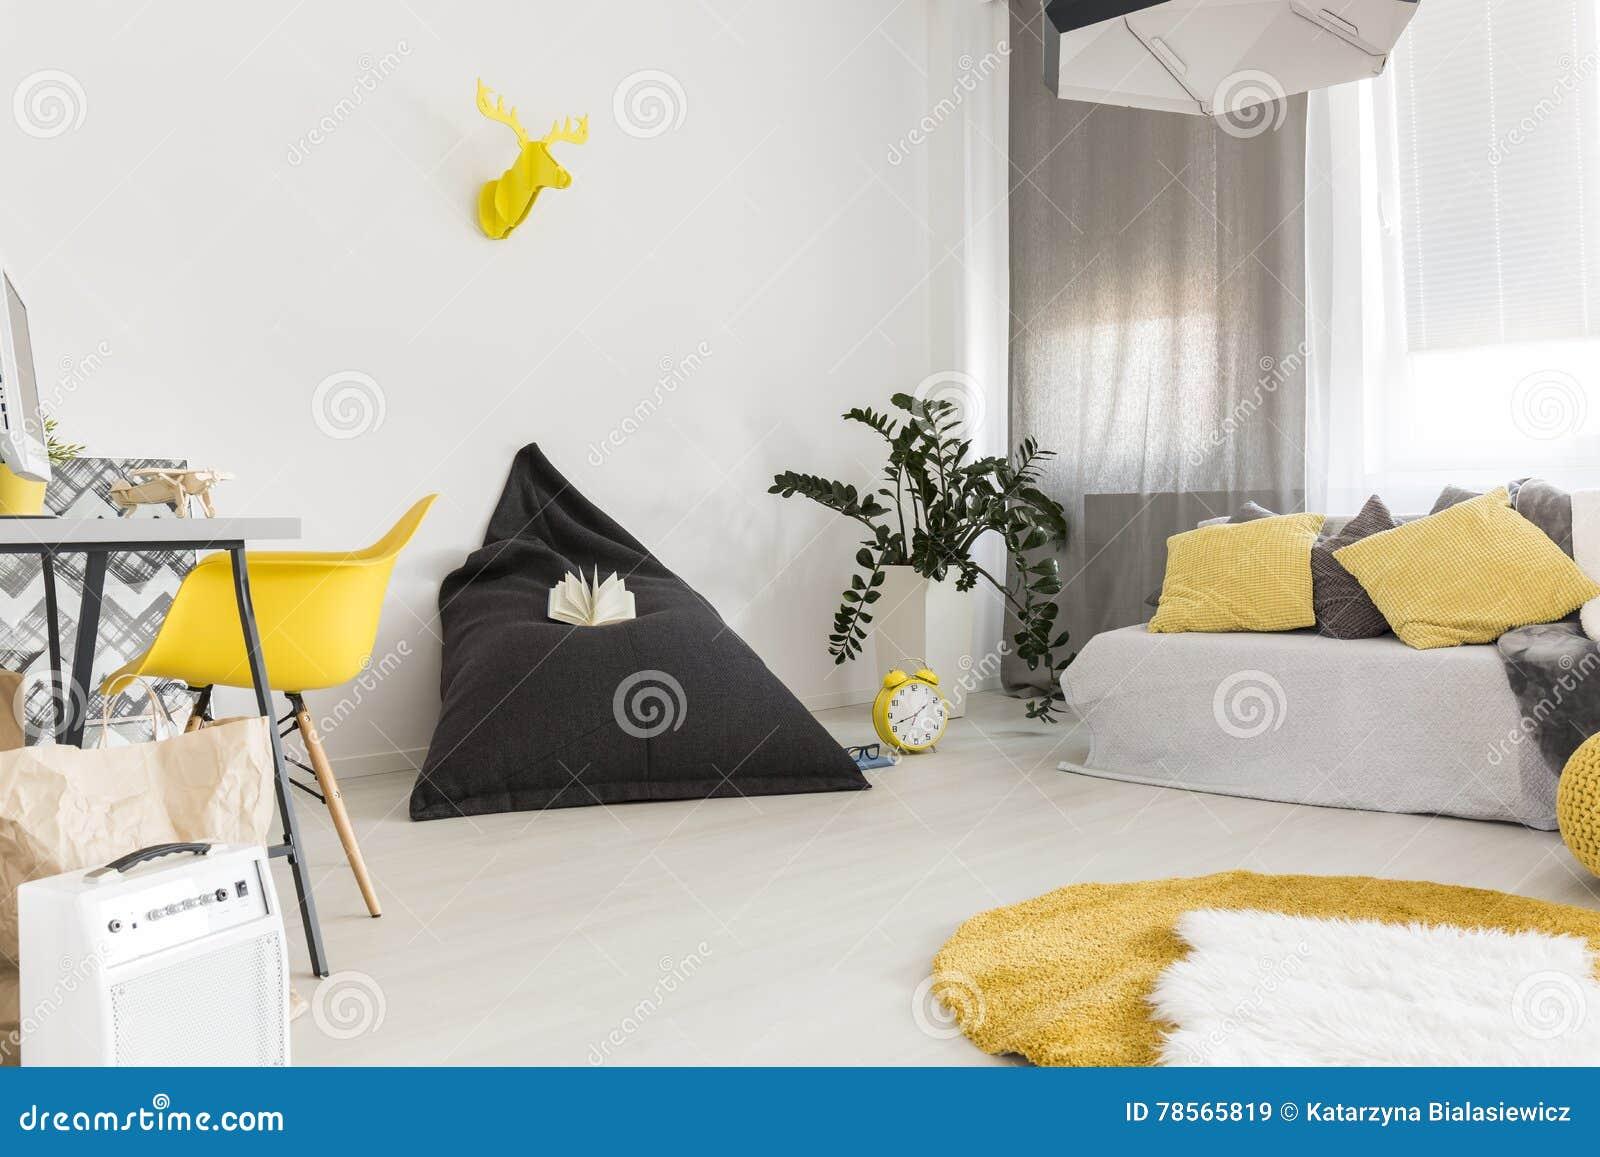 Wohnzimmer Und Buro Kombiniert Stockbild Bild Von Wohnzimmer Kombiniert 78565819